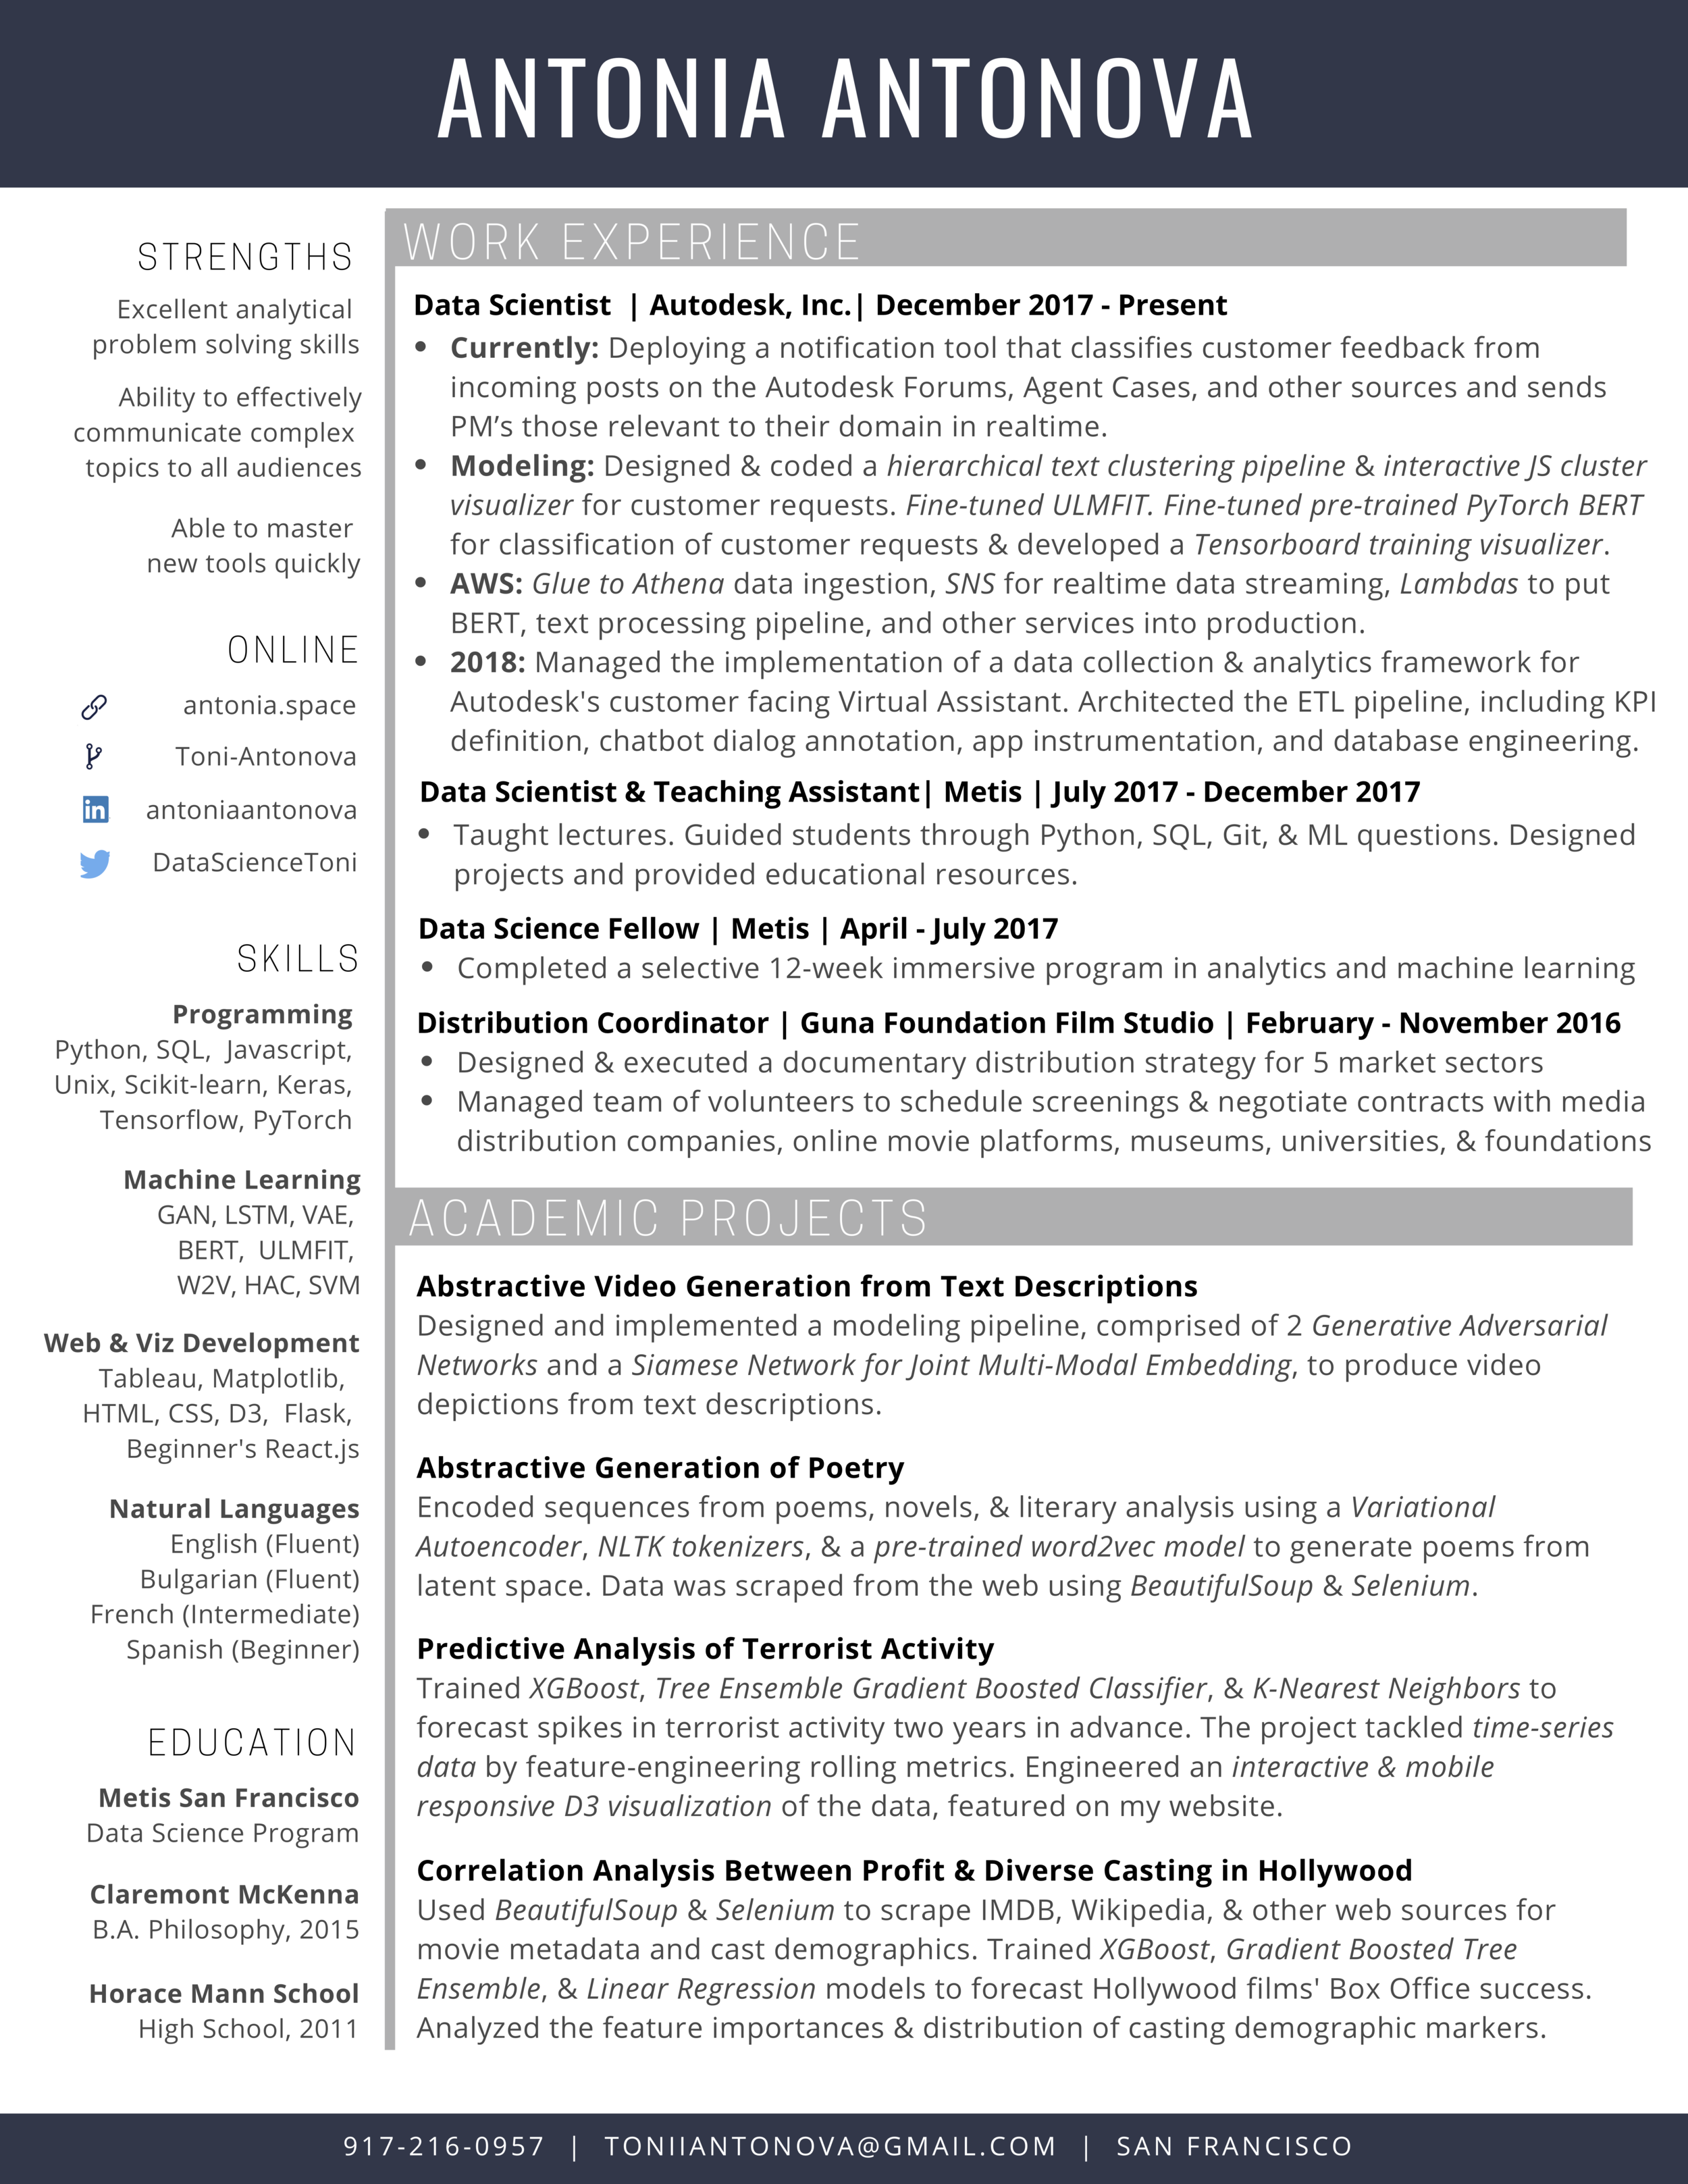 June 2019 Resume.png